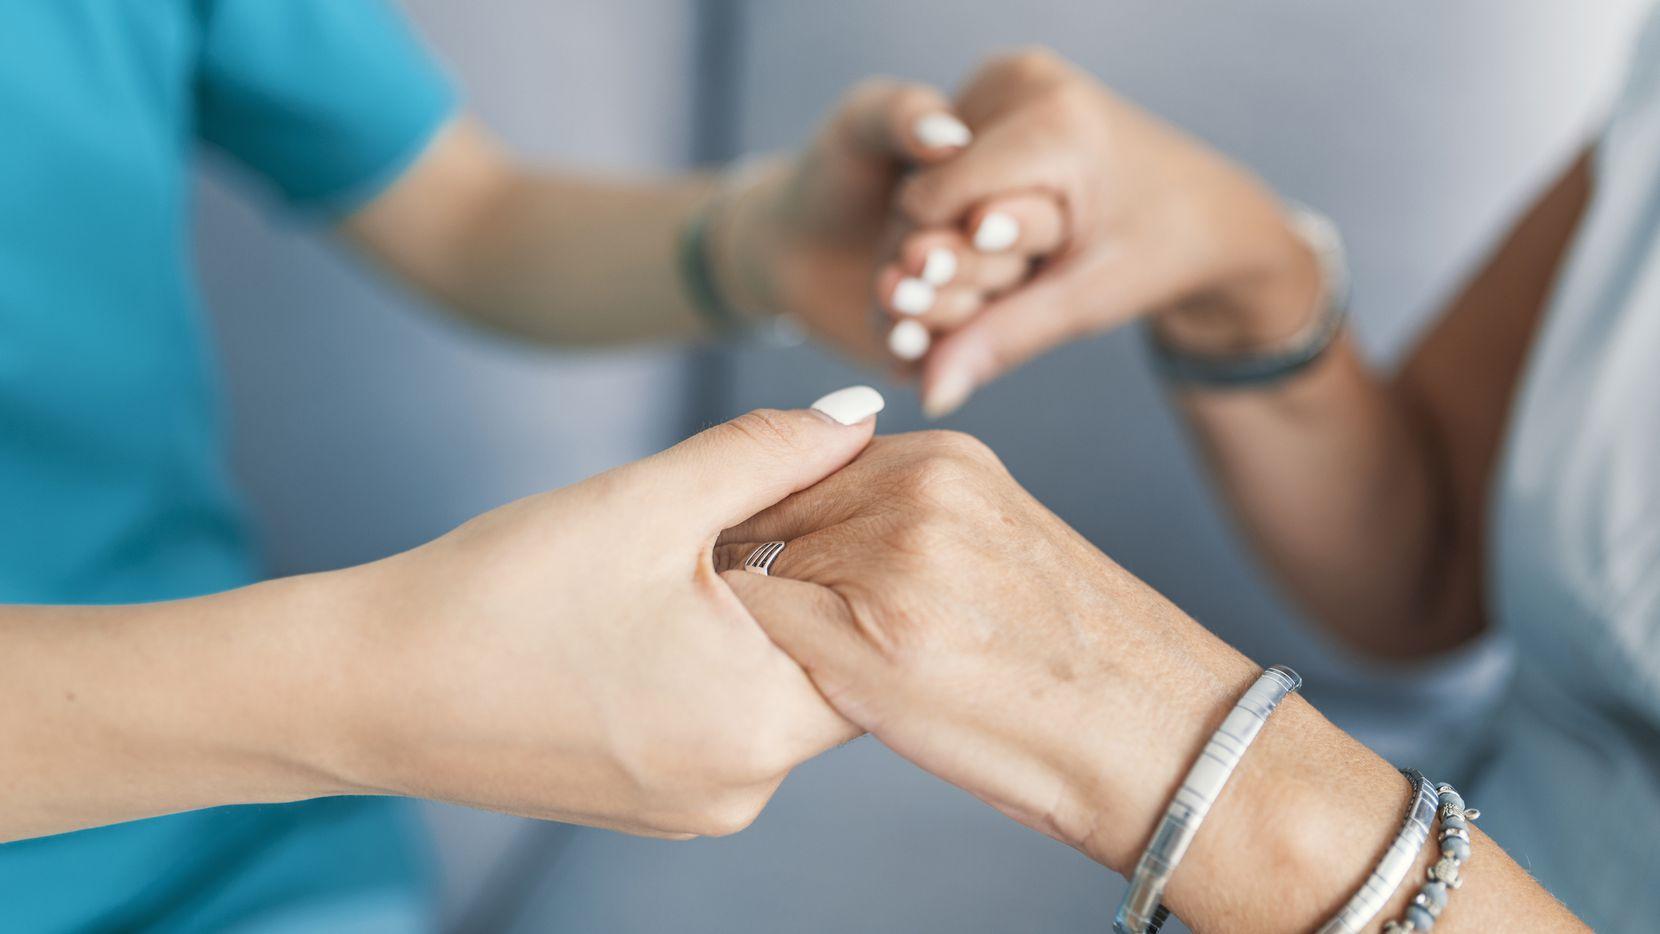 Más de cinco millones de personas en Estados Unidos y millones más en todo el mundo padecen Alzheimer.